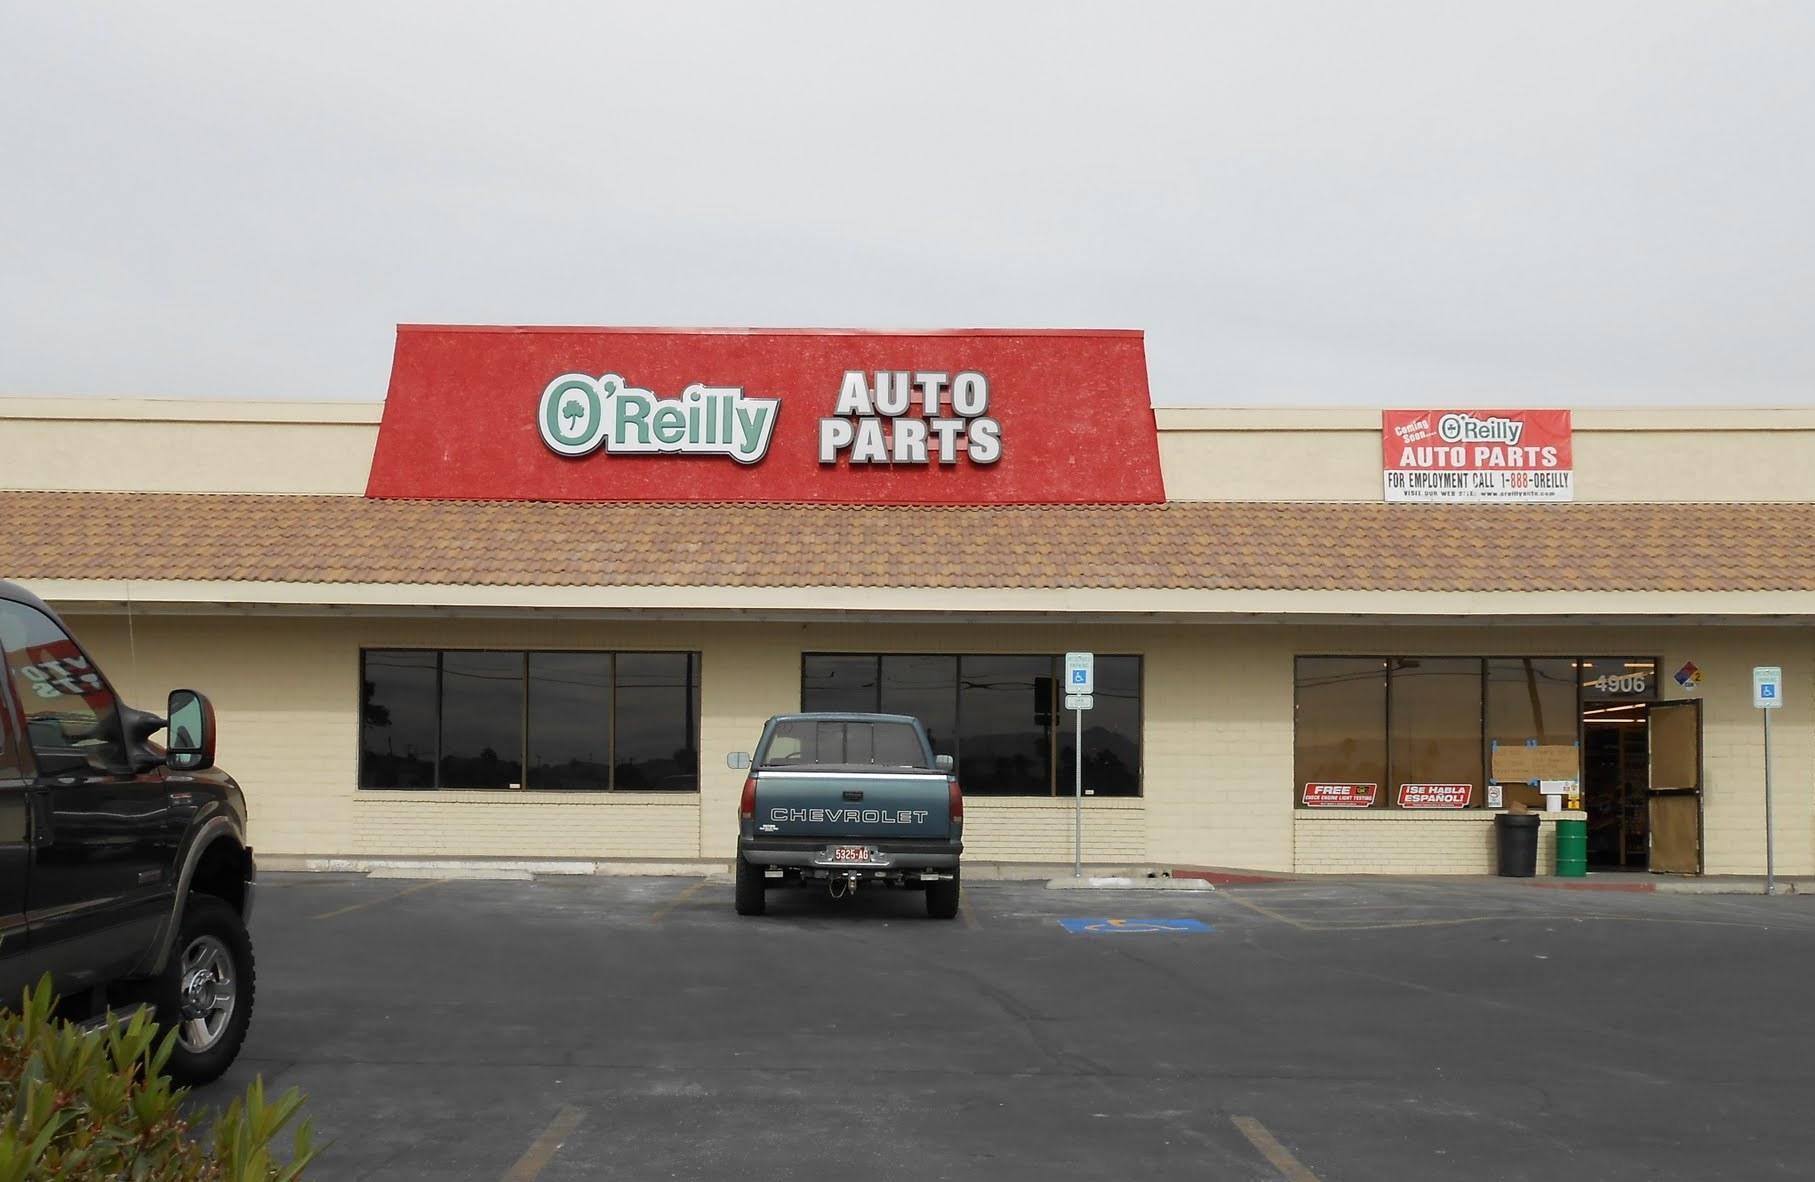 4906 E Tropicana Ave Las Vegas Nv O Reilly Auto Parts